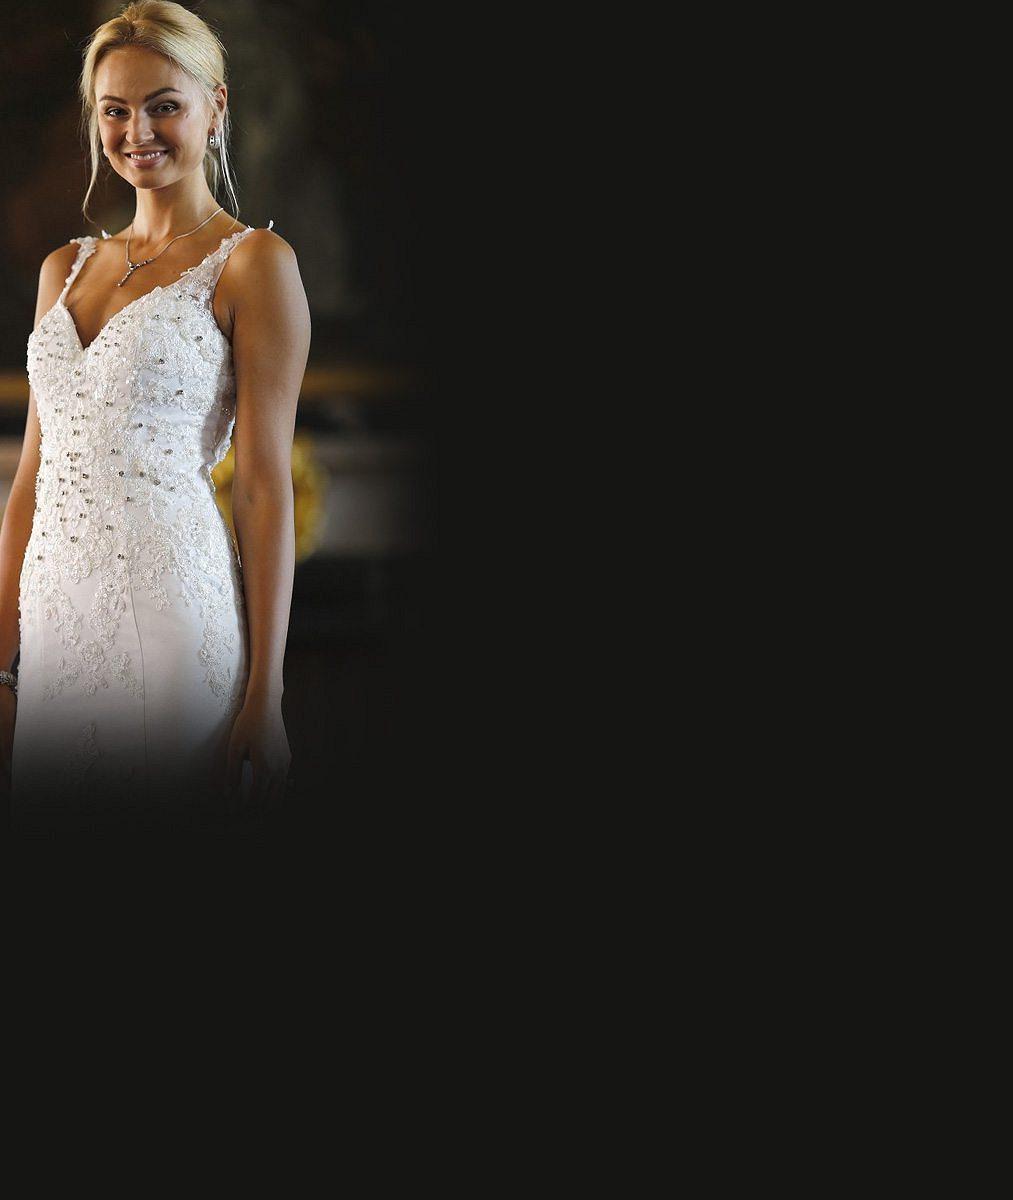 Vítězka světové soutěže krásy září štěstím: Tereza Fajksová je těhotná